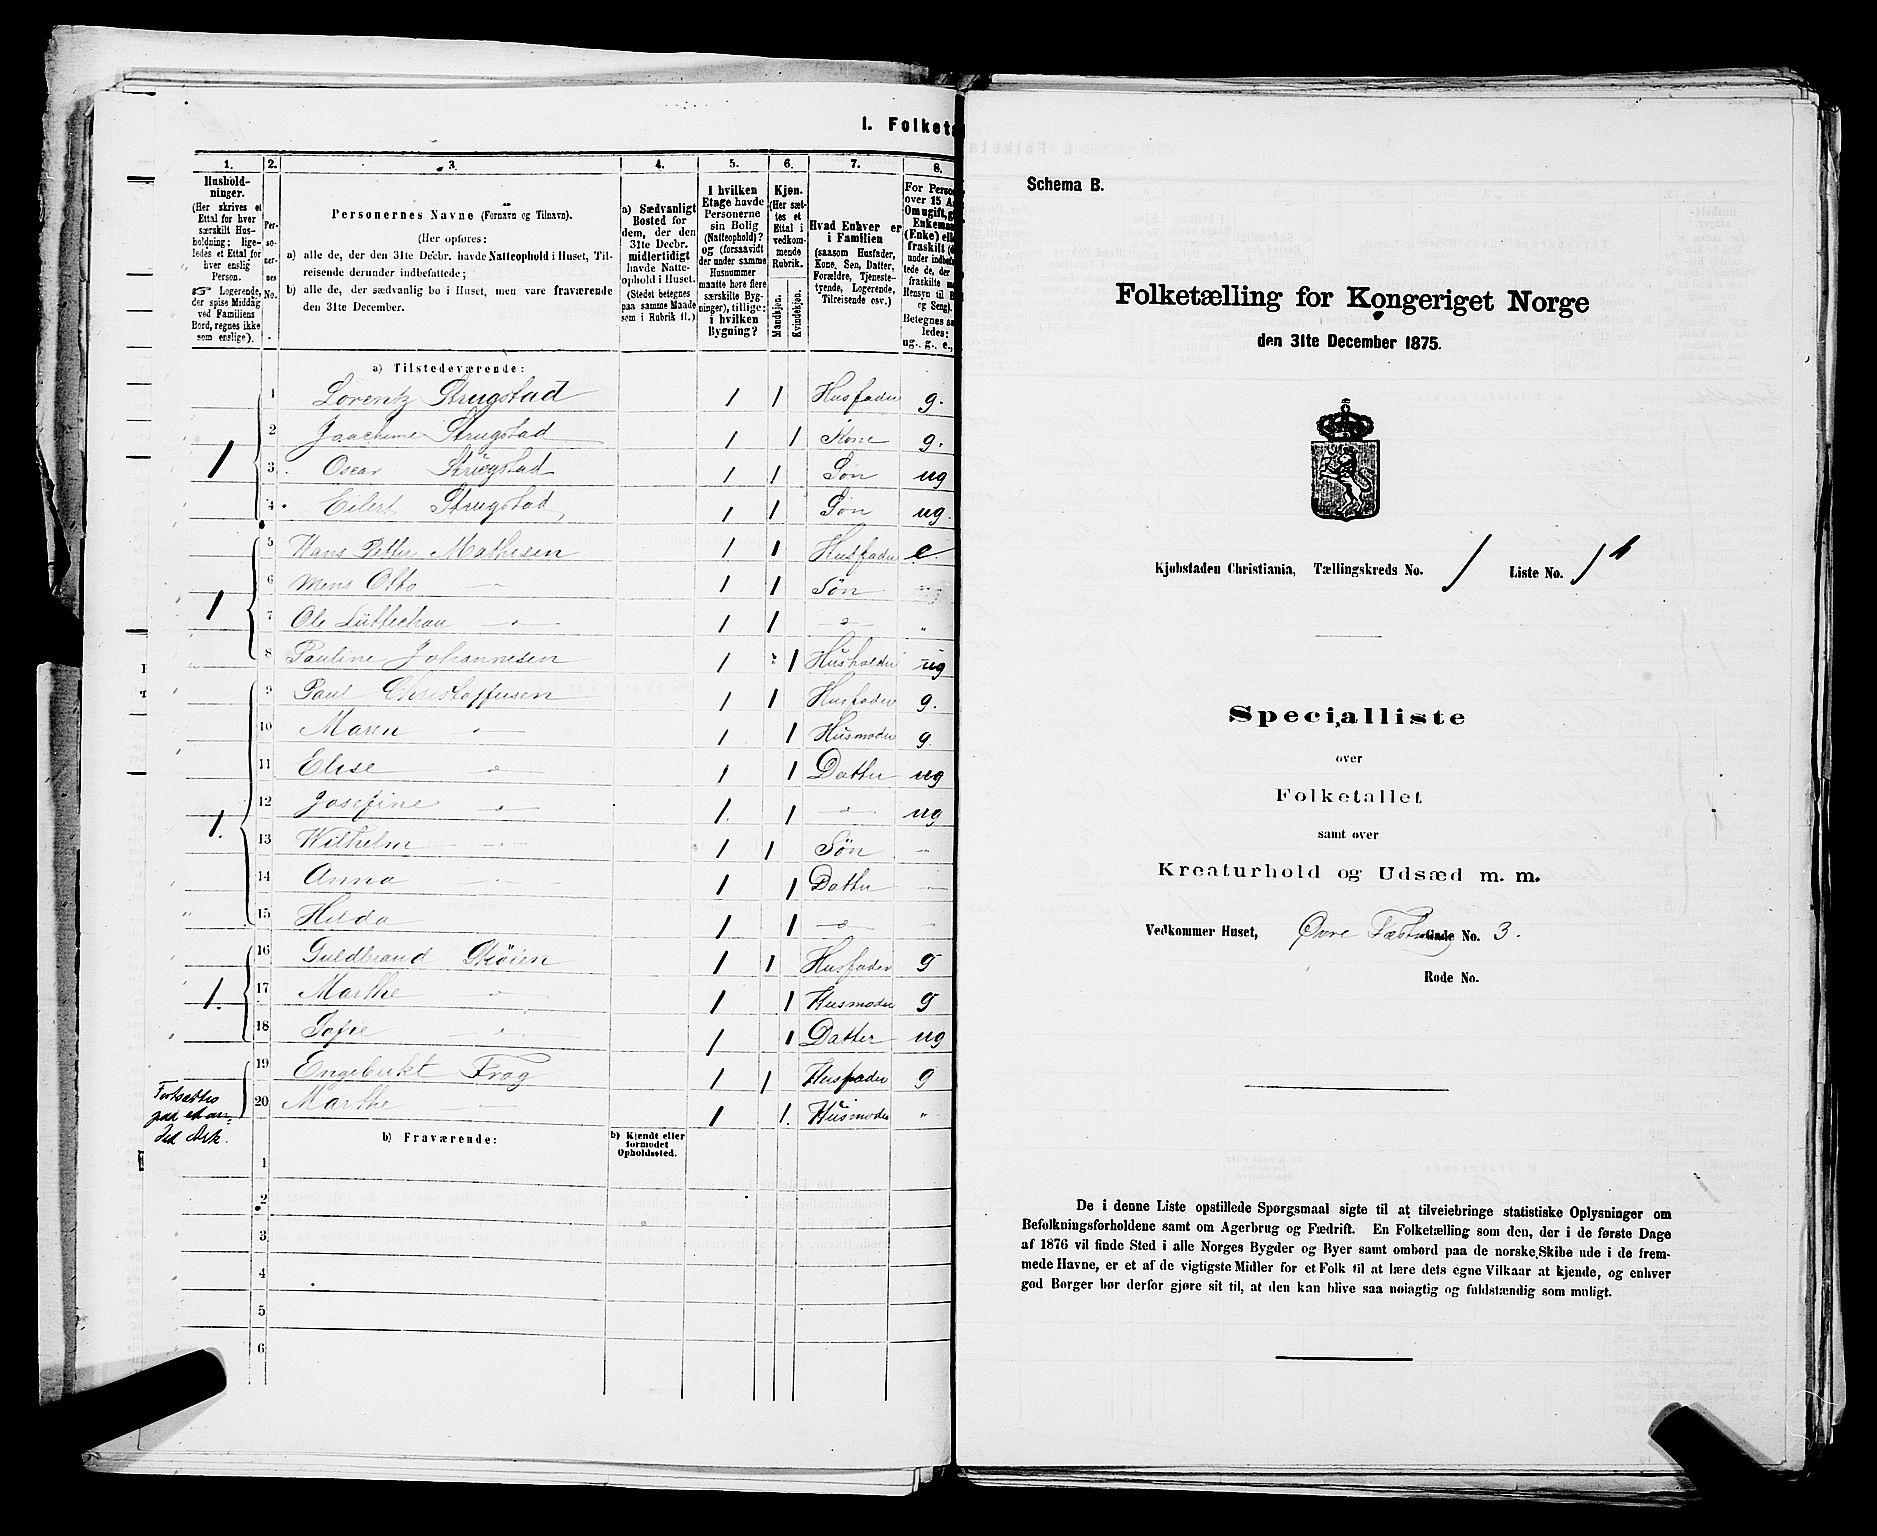 RA, Folketelling 1875 for 0301 Kristiania kjøpstad, 1875, s. 79